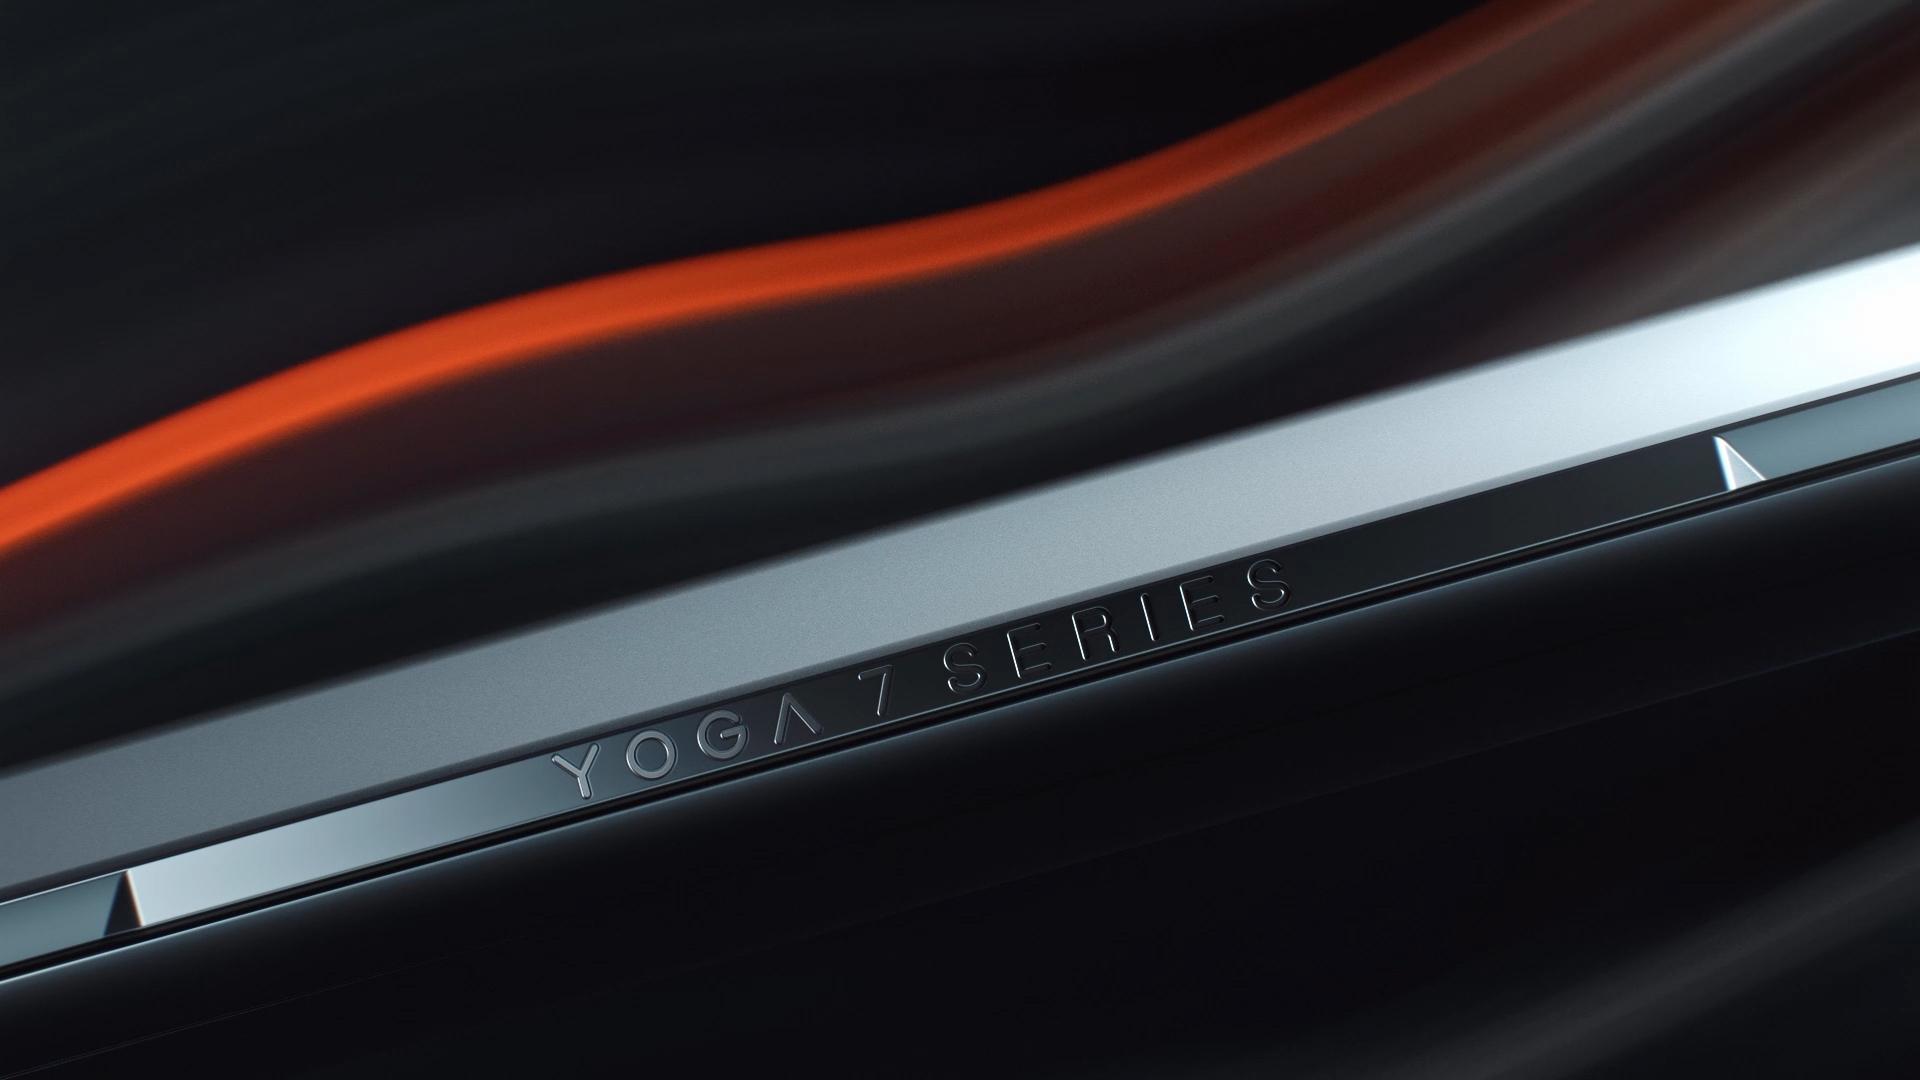 AT_Lenovo_Yoga_frame_02